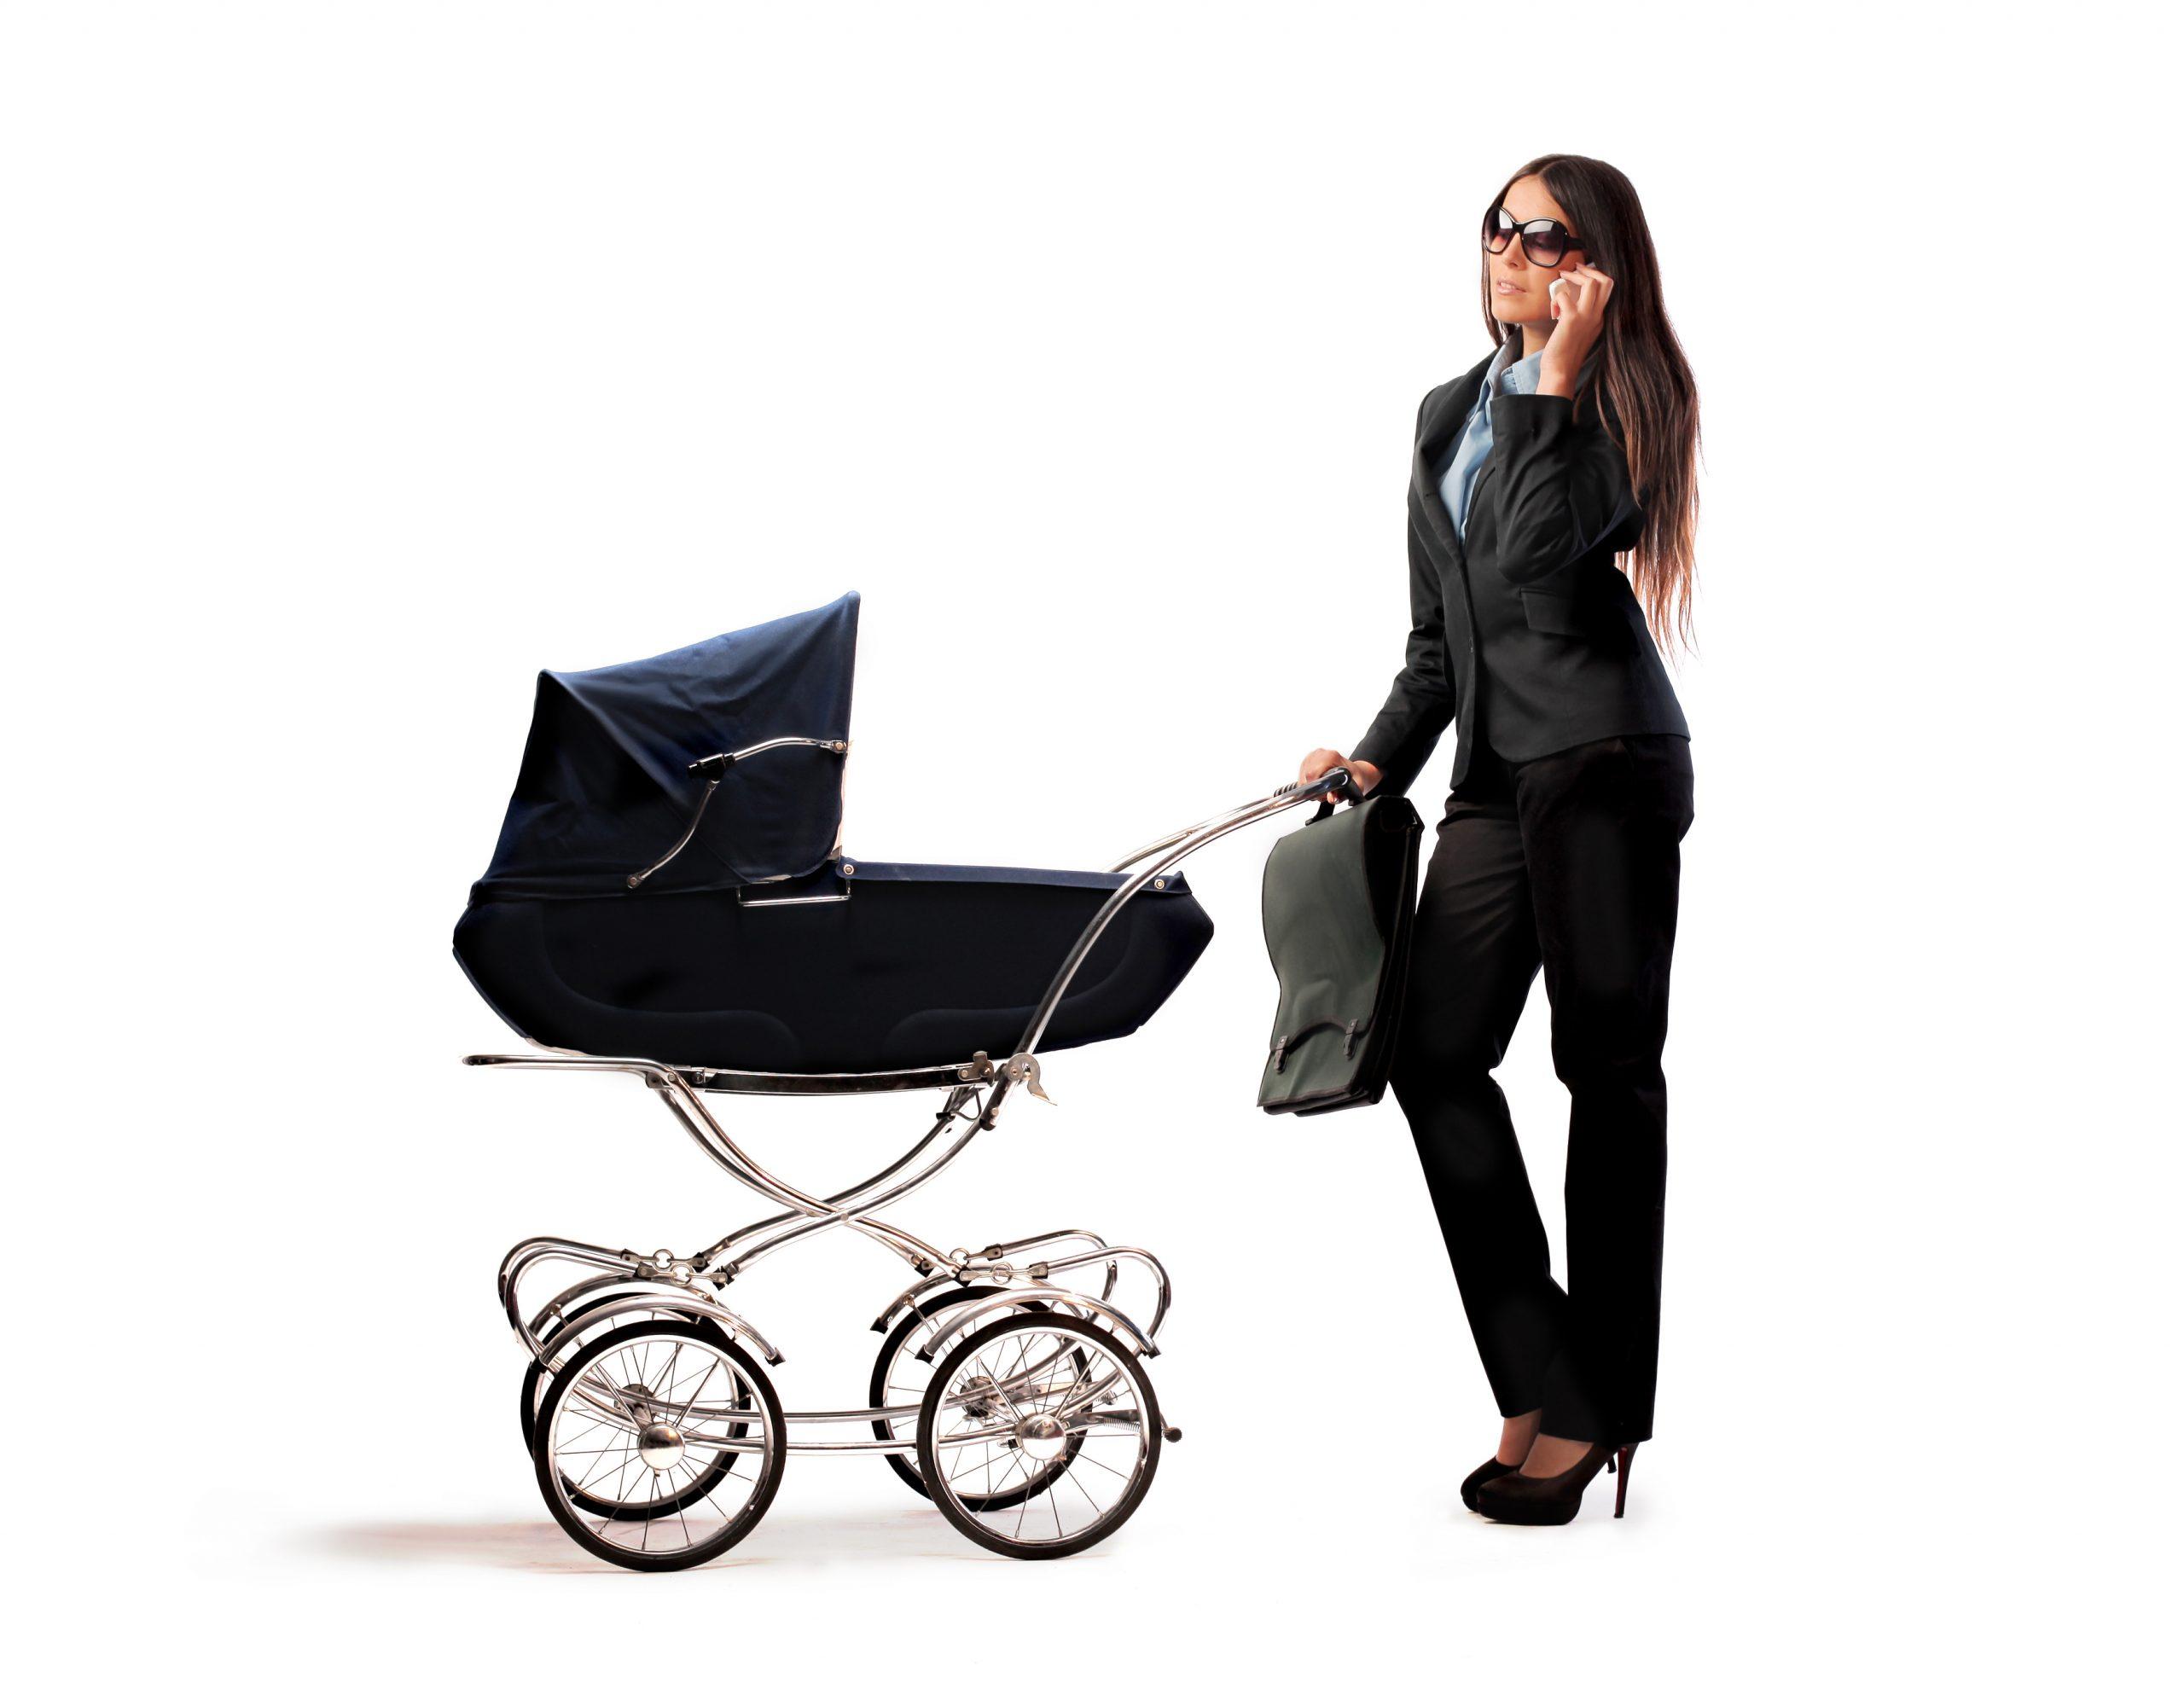 חזרה לעבודה אחרי חופשת לידה